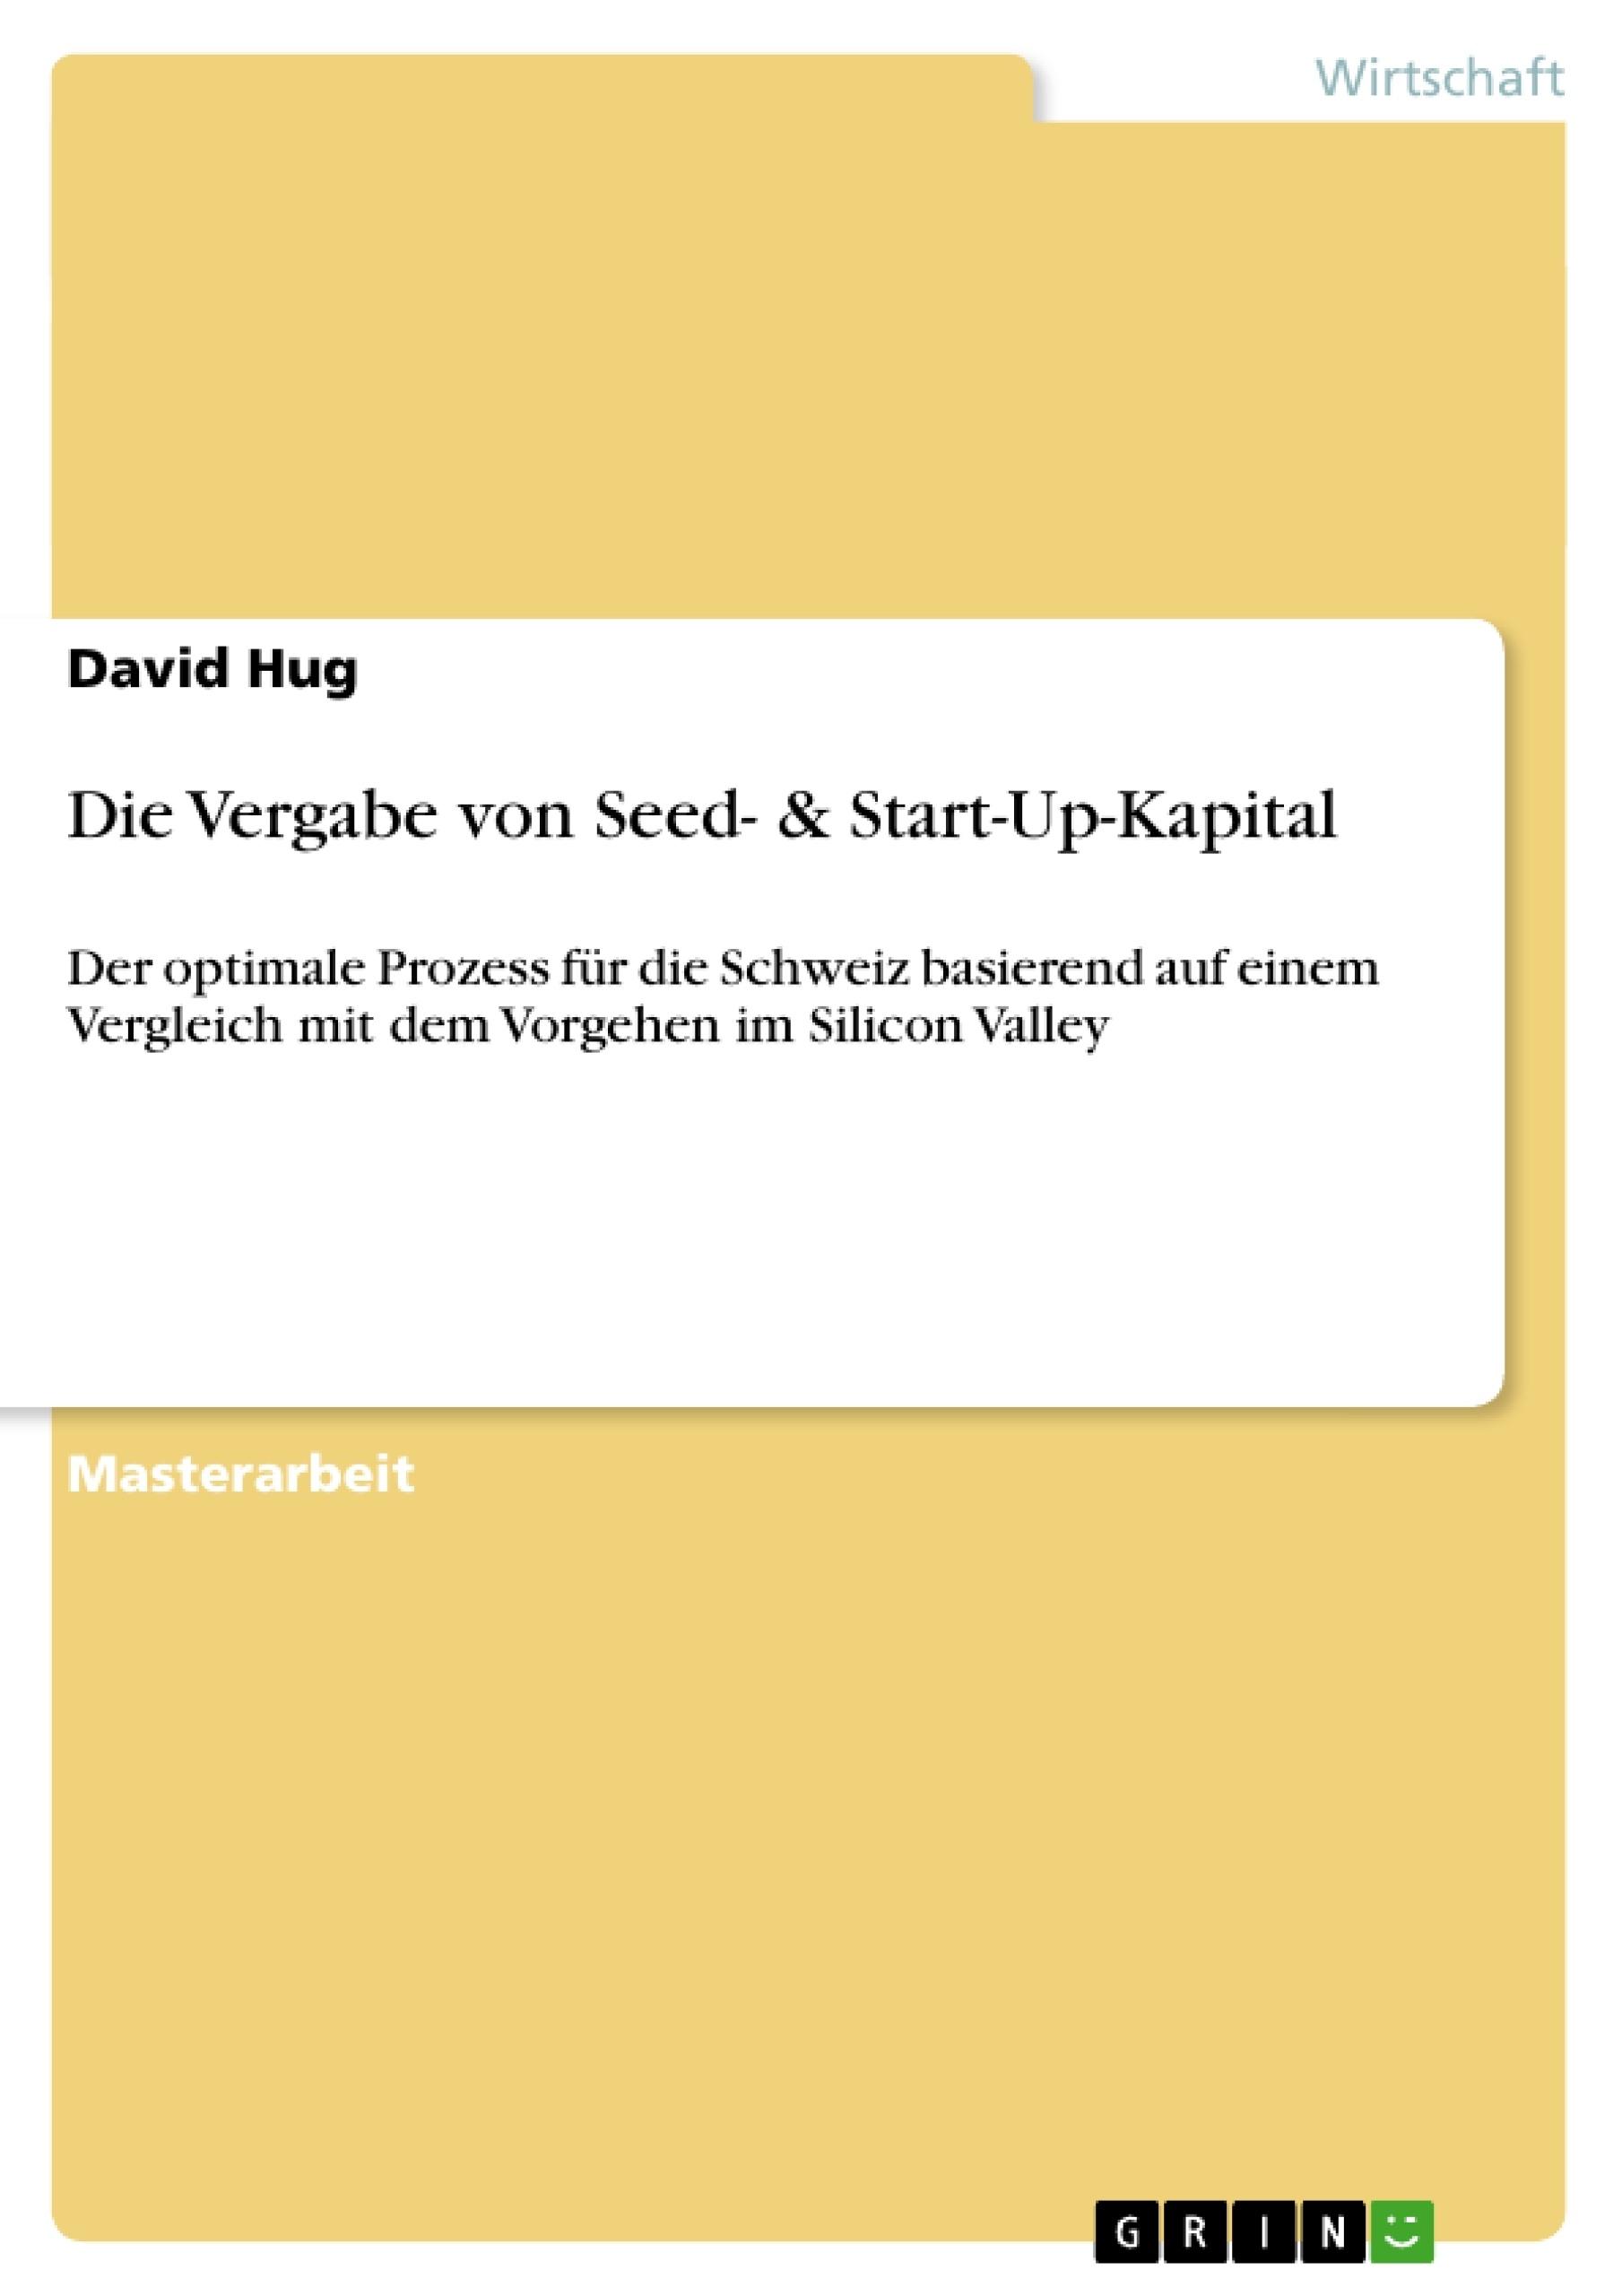 Titel: Die Vergabe von Seed- & Start-Up-Kapital